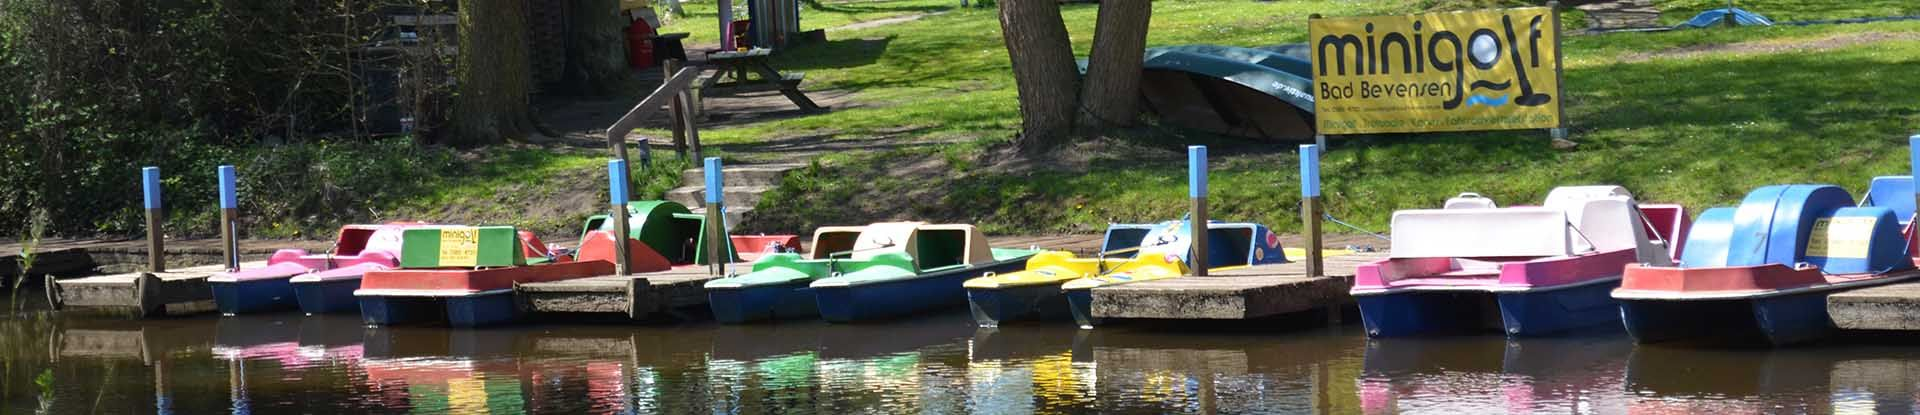 Tretboote auf der Ilmenau